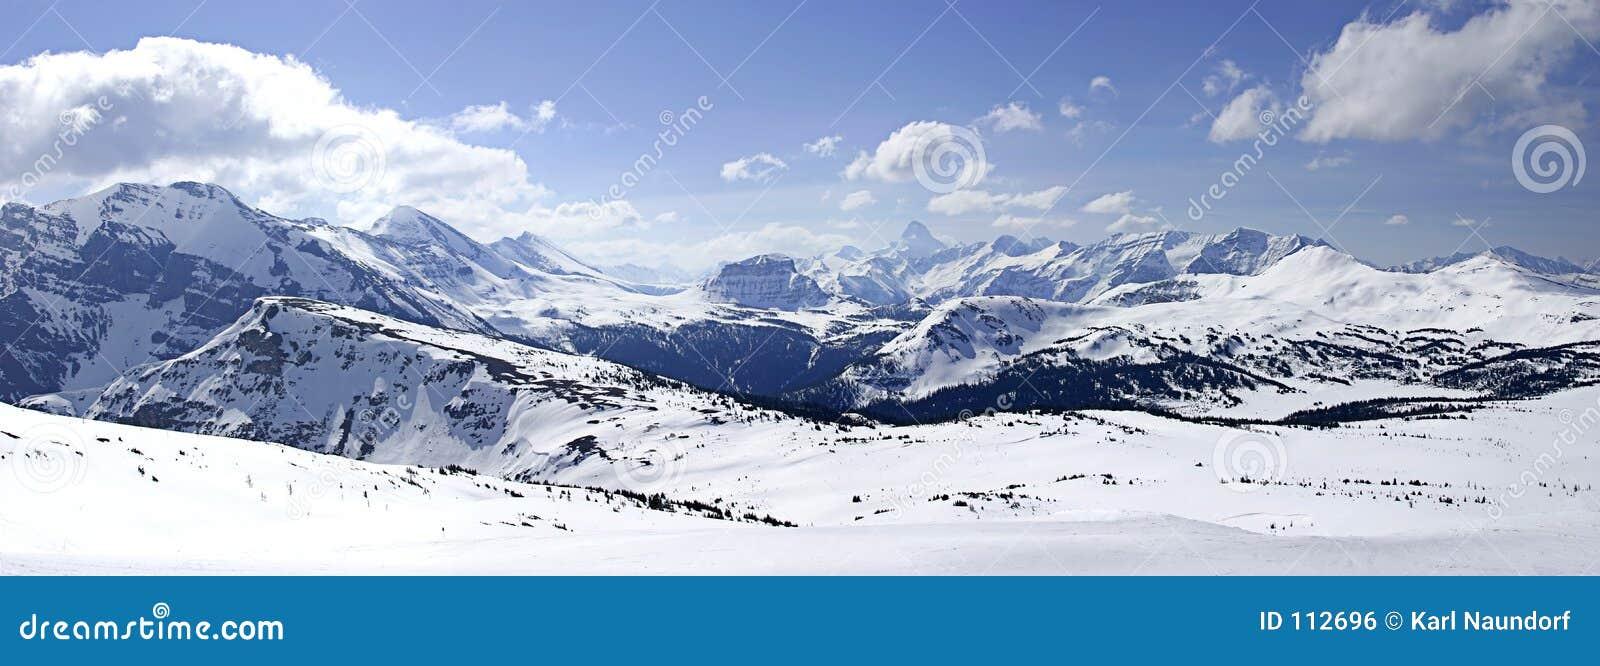 снежное горы ii панорамное